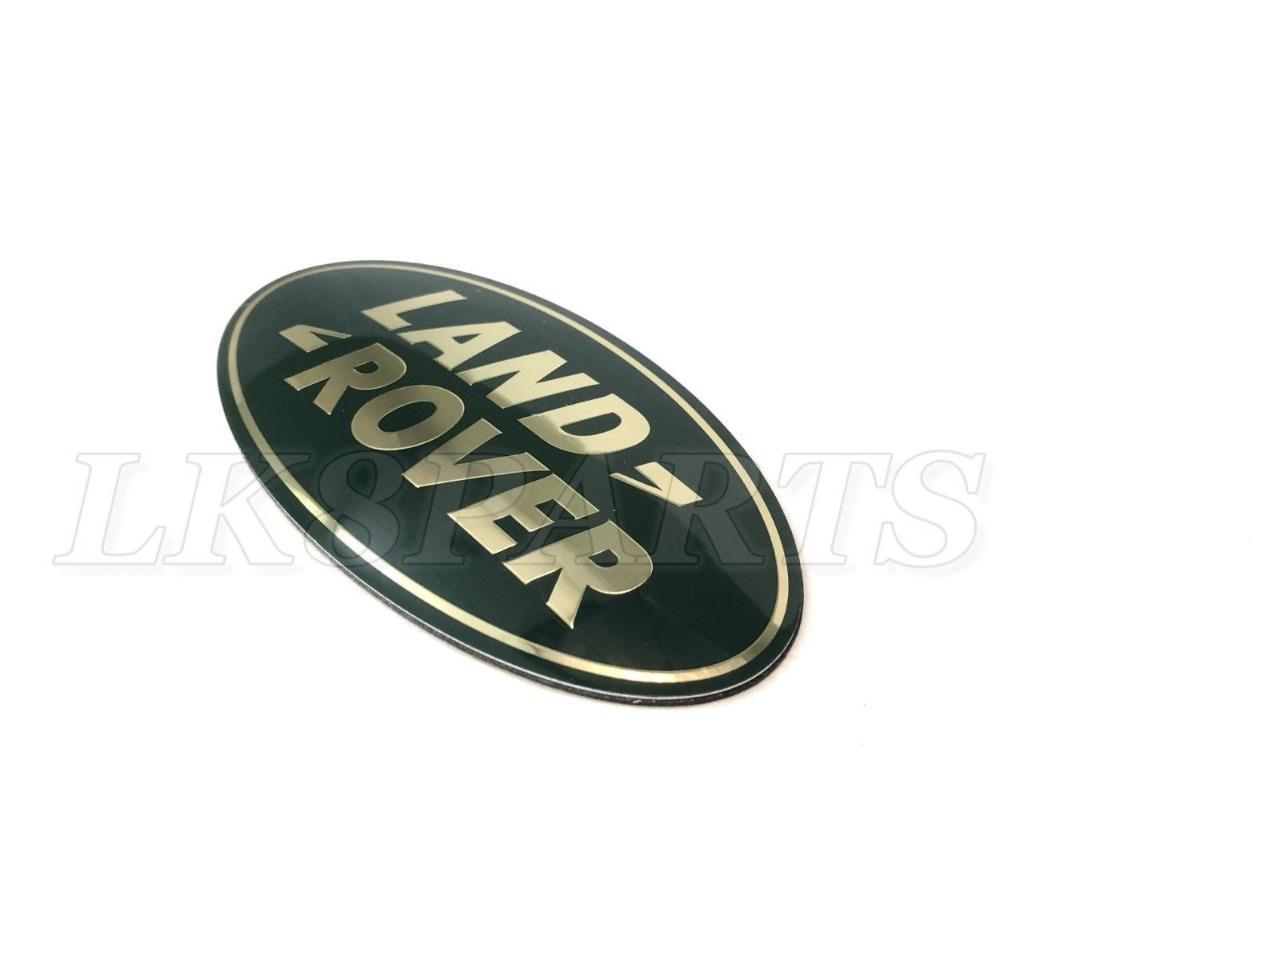 LAND ROVER FREELANDER 96-06 GRILLE BADGE GREEN ON GOLD GENUINE  DAG100330